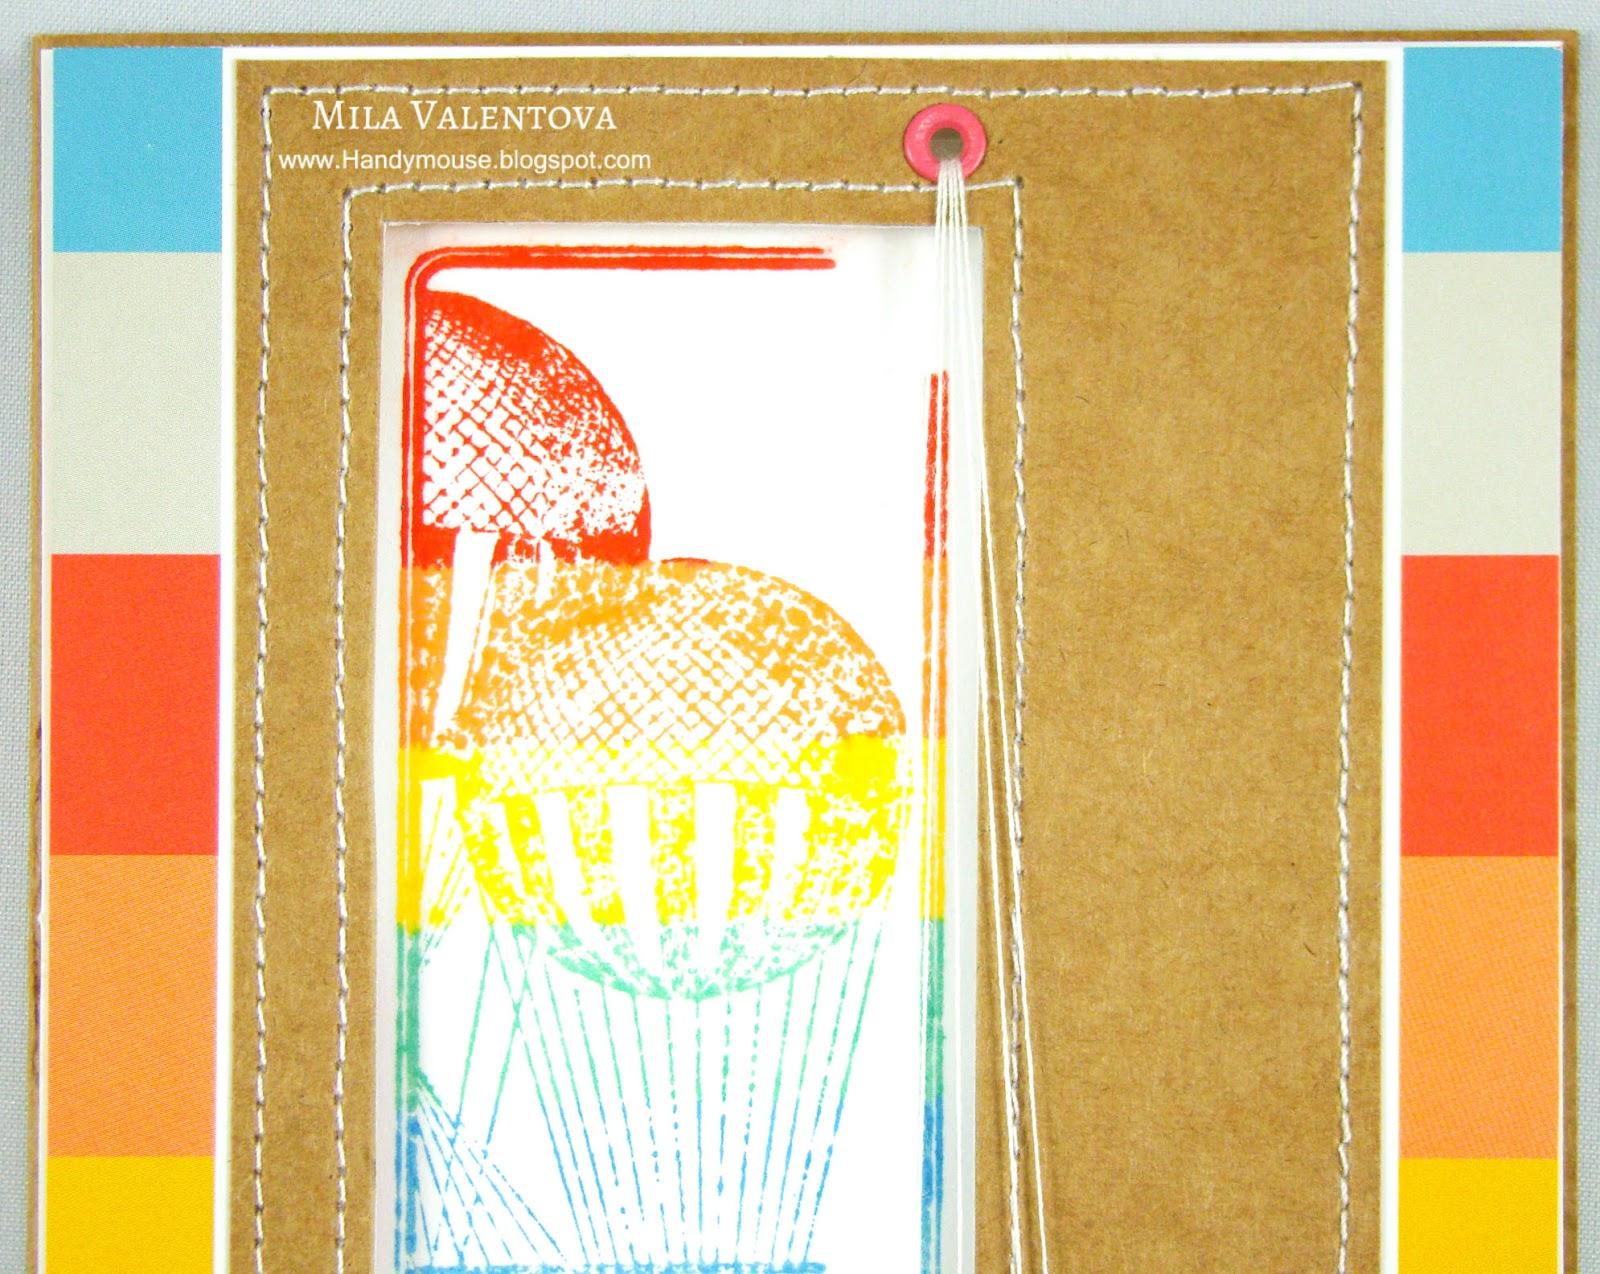 Открыточка-Мила-Валентова-С-Днем-Рождения